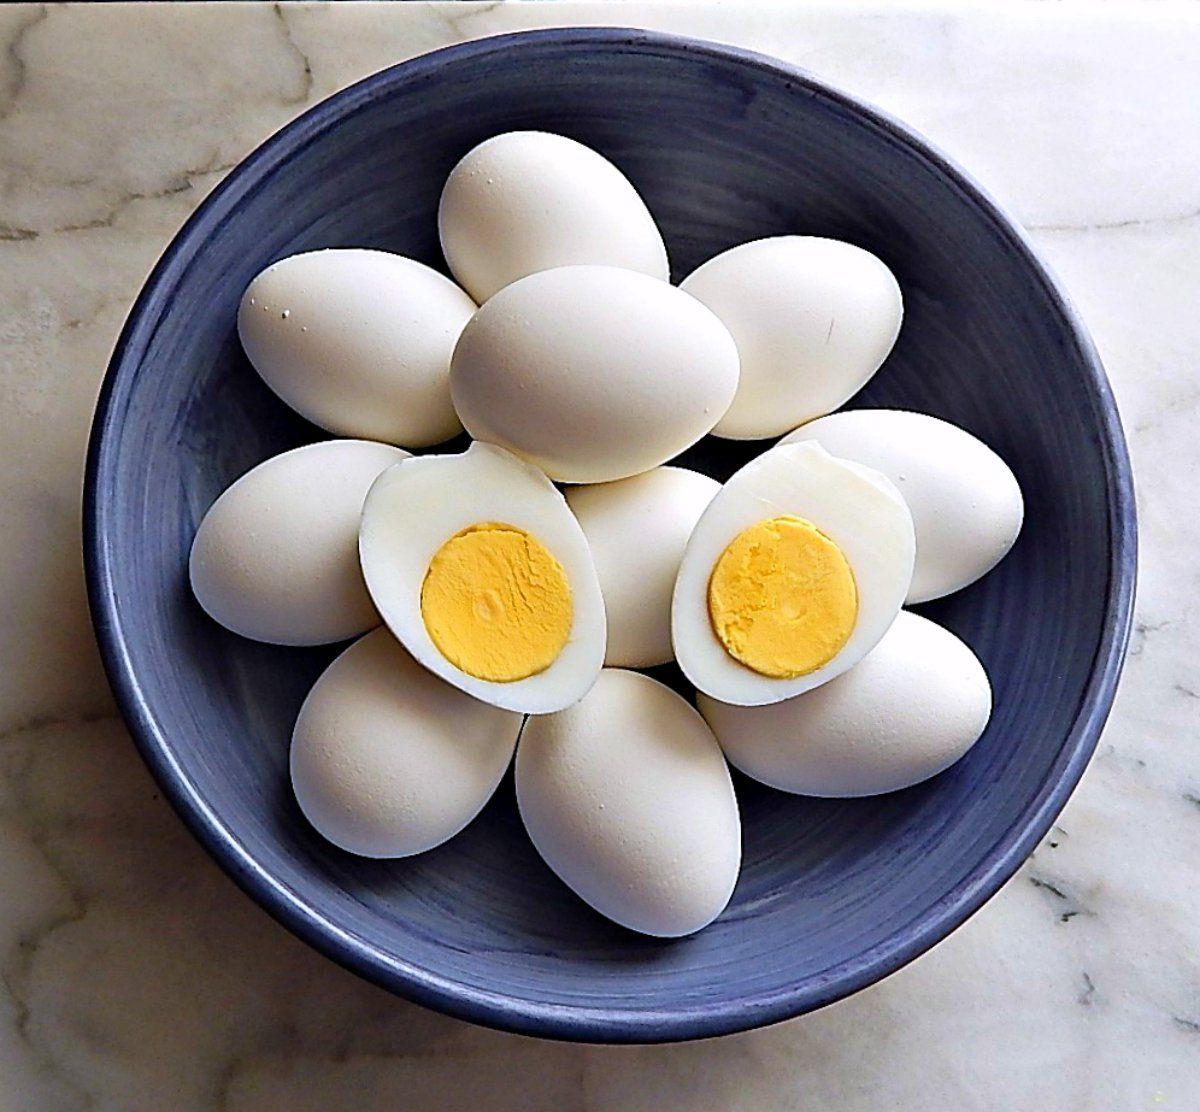 10 способов использовать яйца, о которых вы не знали